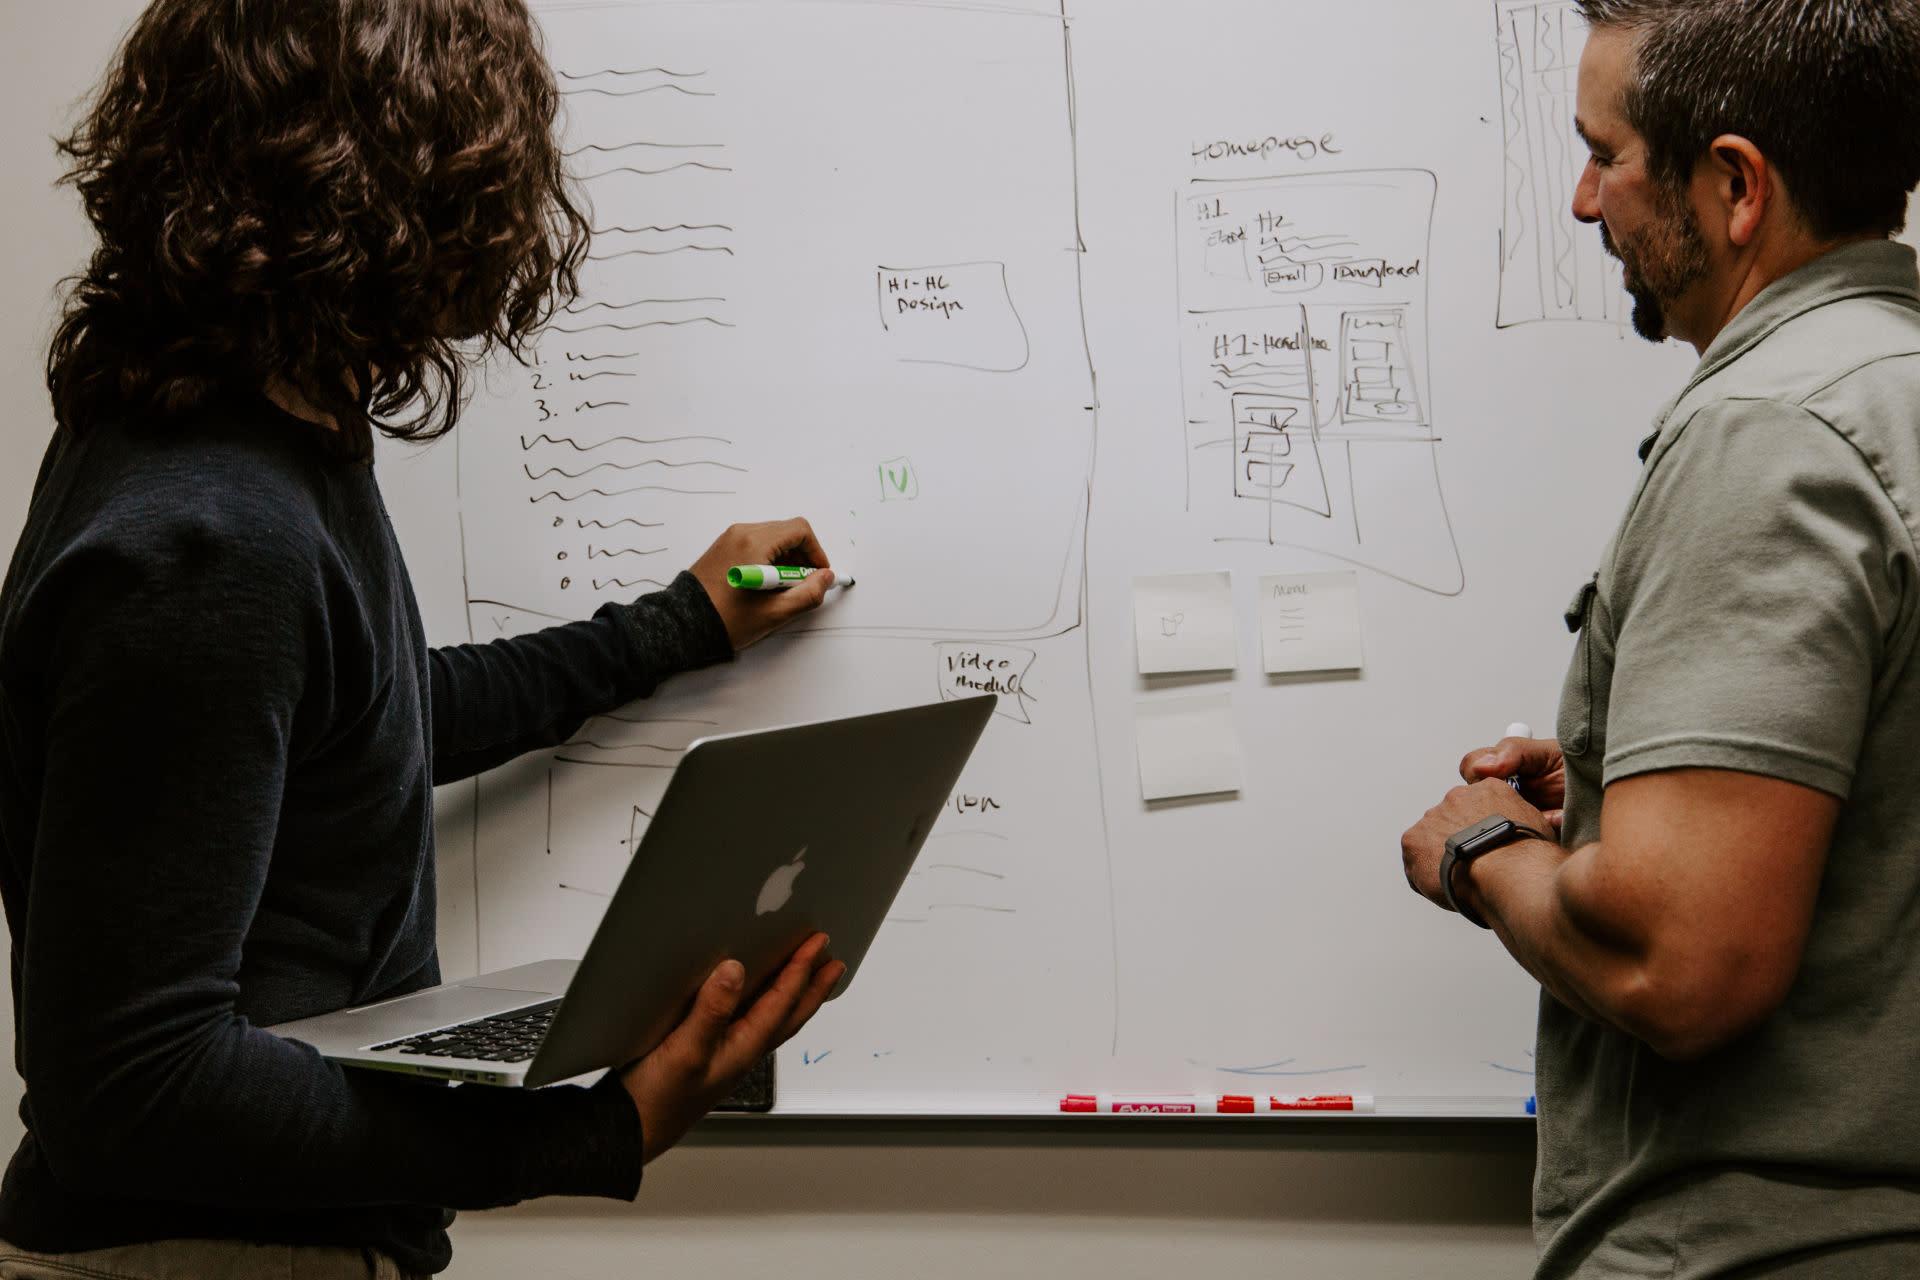 Actualités développement web : 3 idées reçues sur le cahier des charges d'un projet web